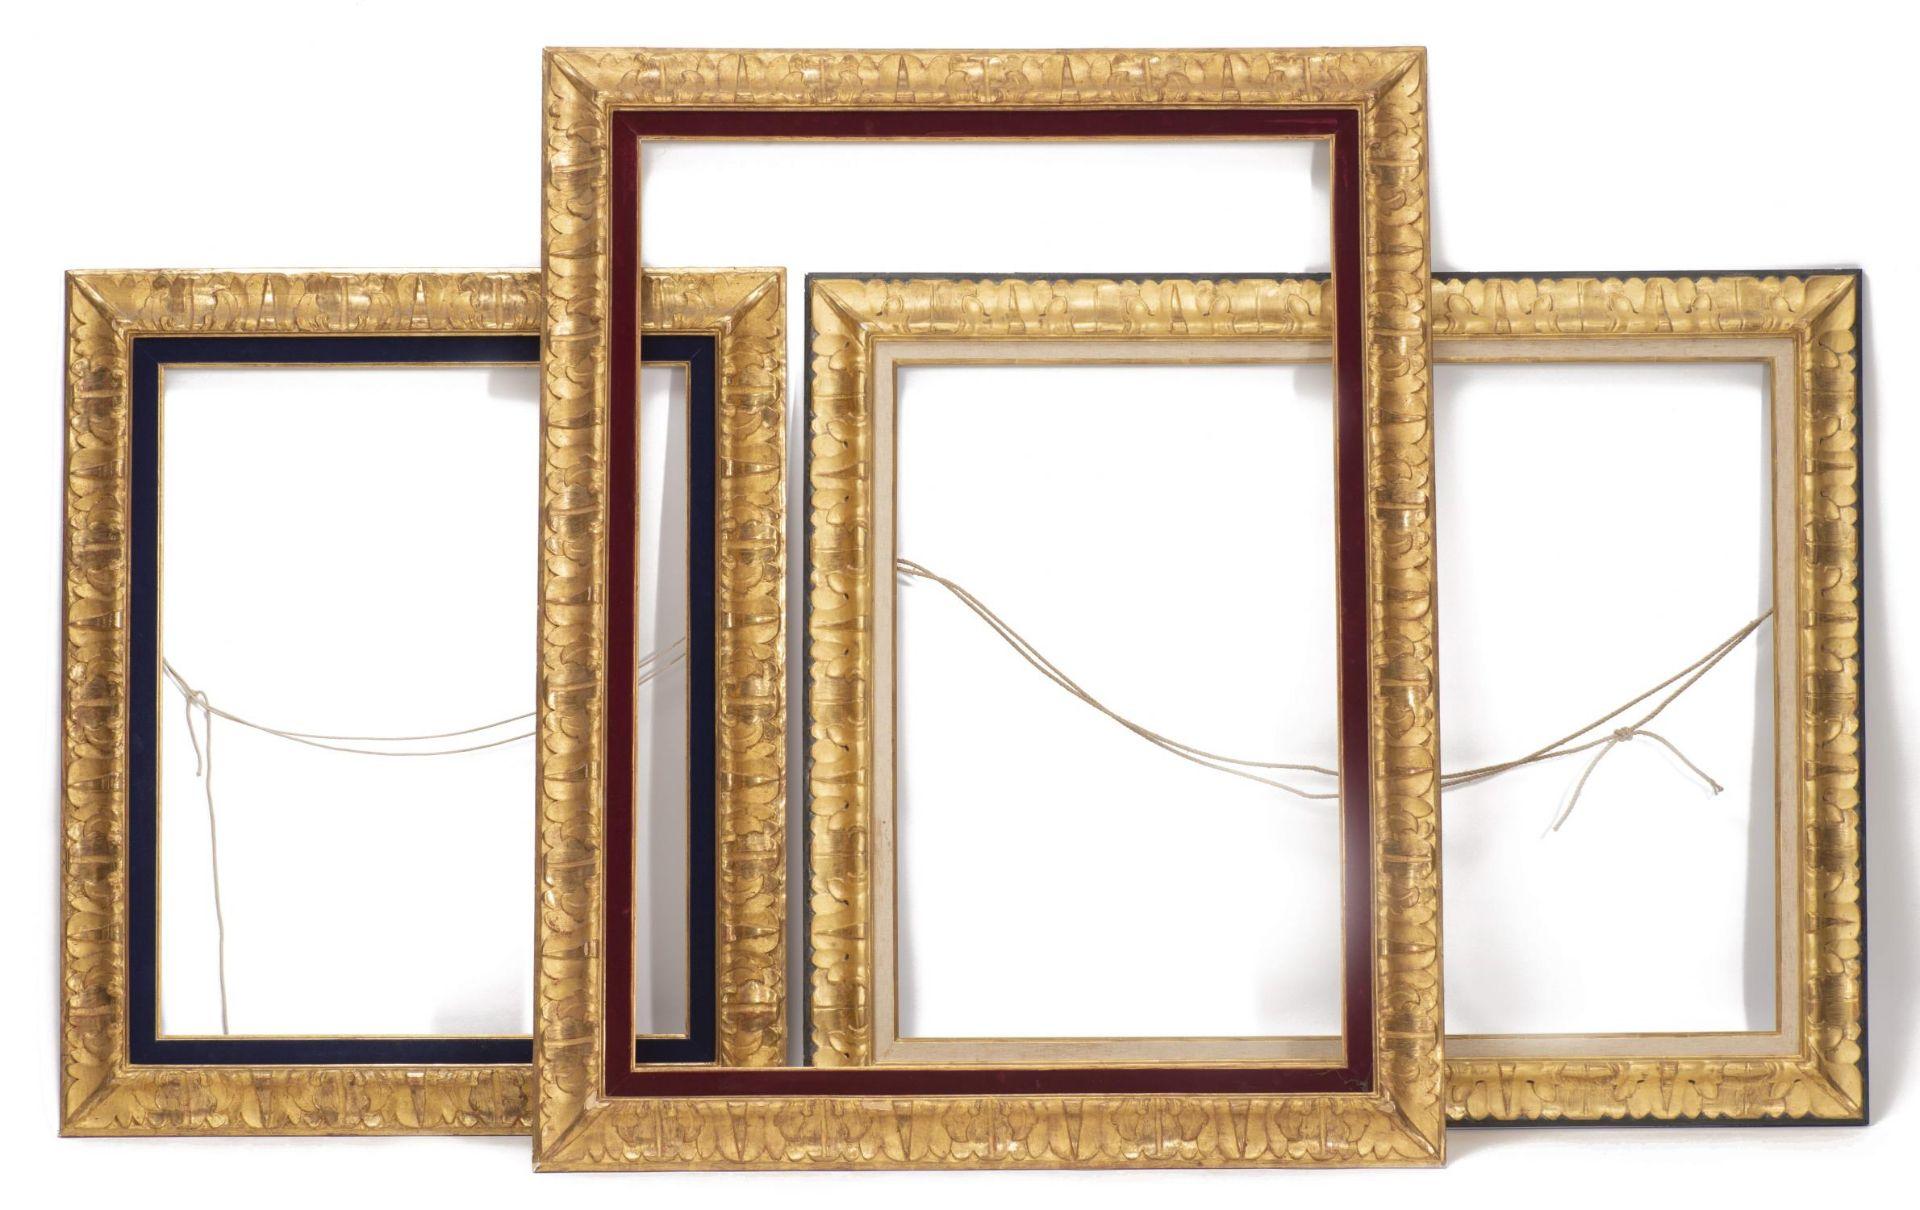 Ensemble de trois cadres en bois et stuc doré à décor de feuillages